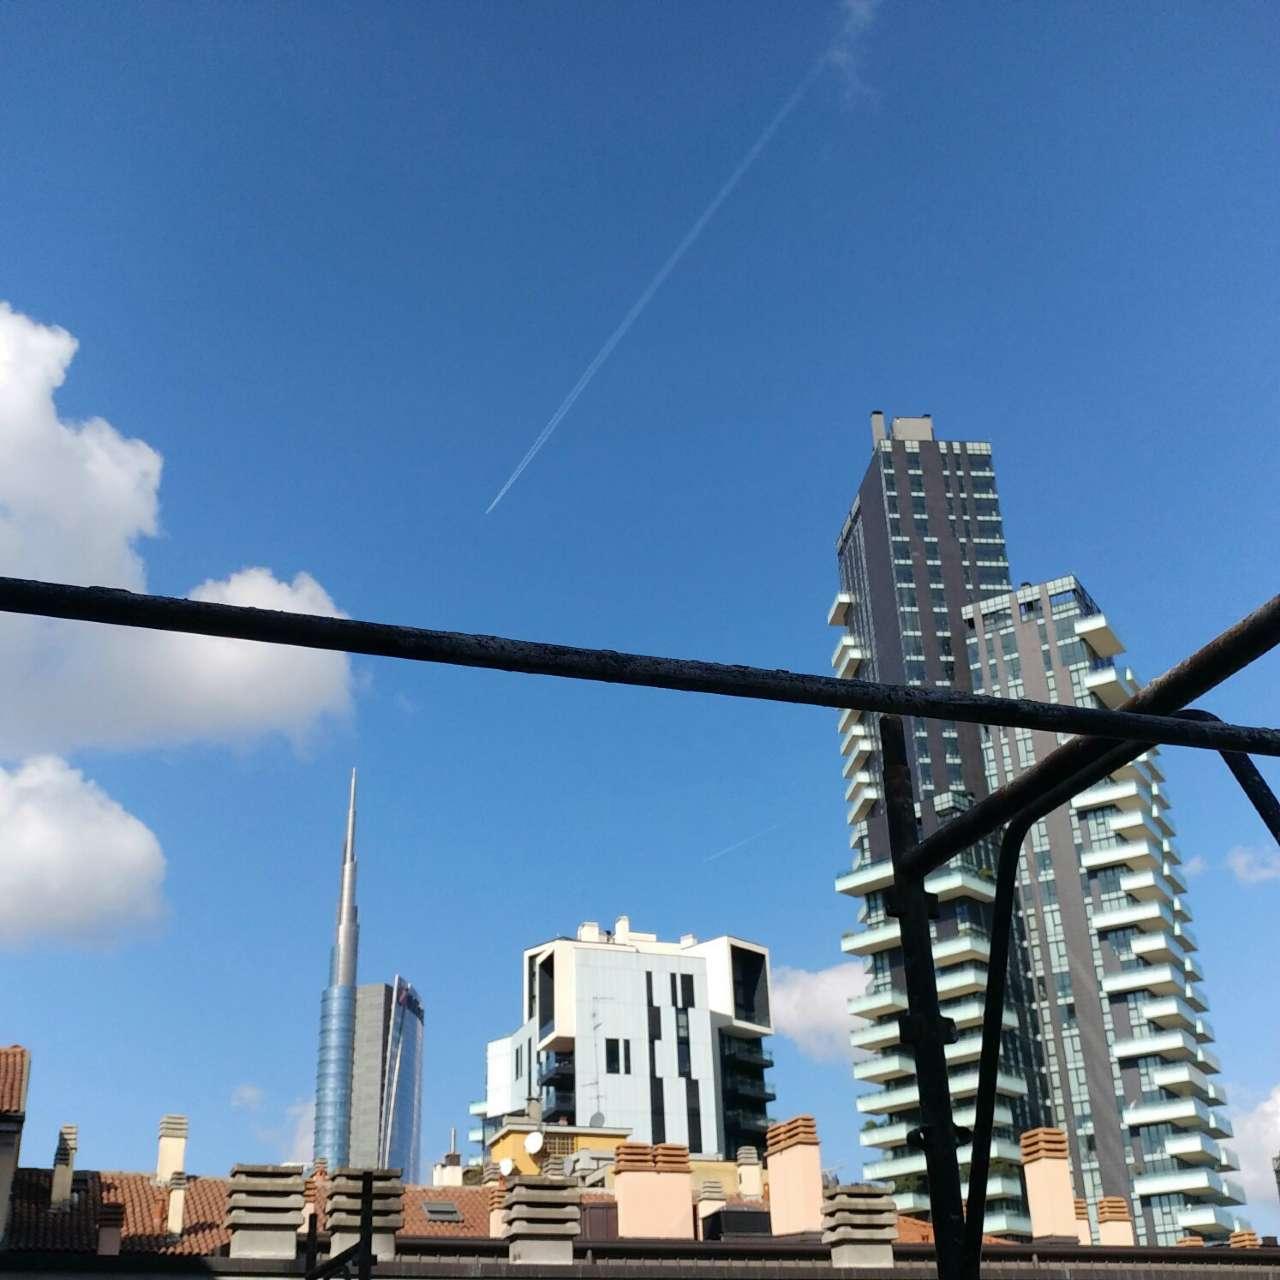 Appartamento in vendita a Milano, 2 locali, zona Zona: 2 . Repubblica, Stazione Centrale, P.ta Nuova, B. Marcello, prezzo € 560.000 | Cambio Casa.it